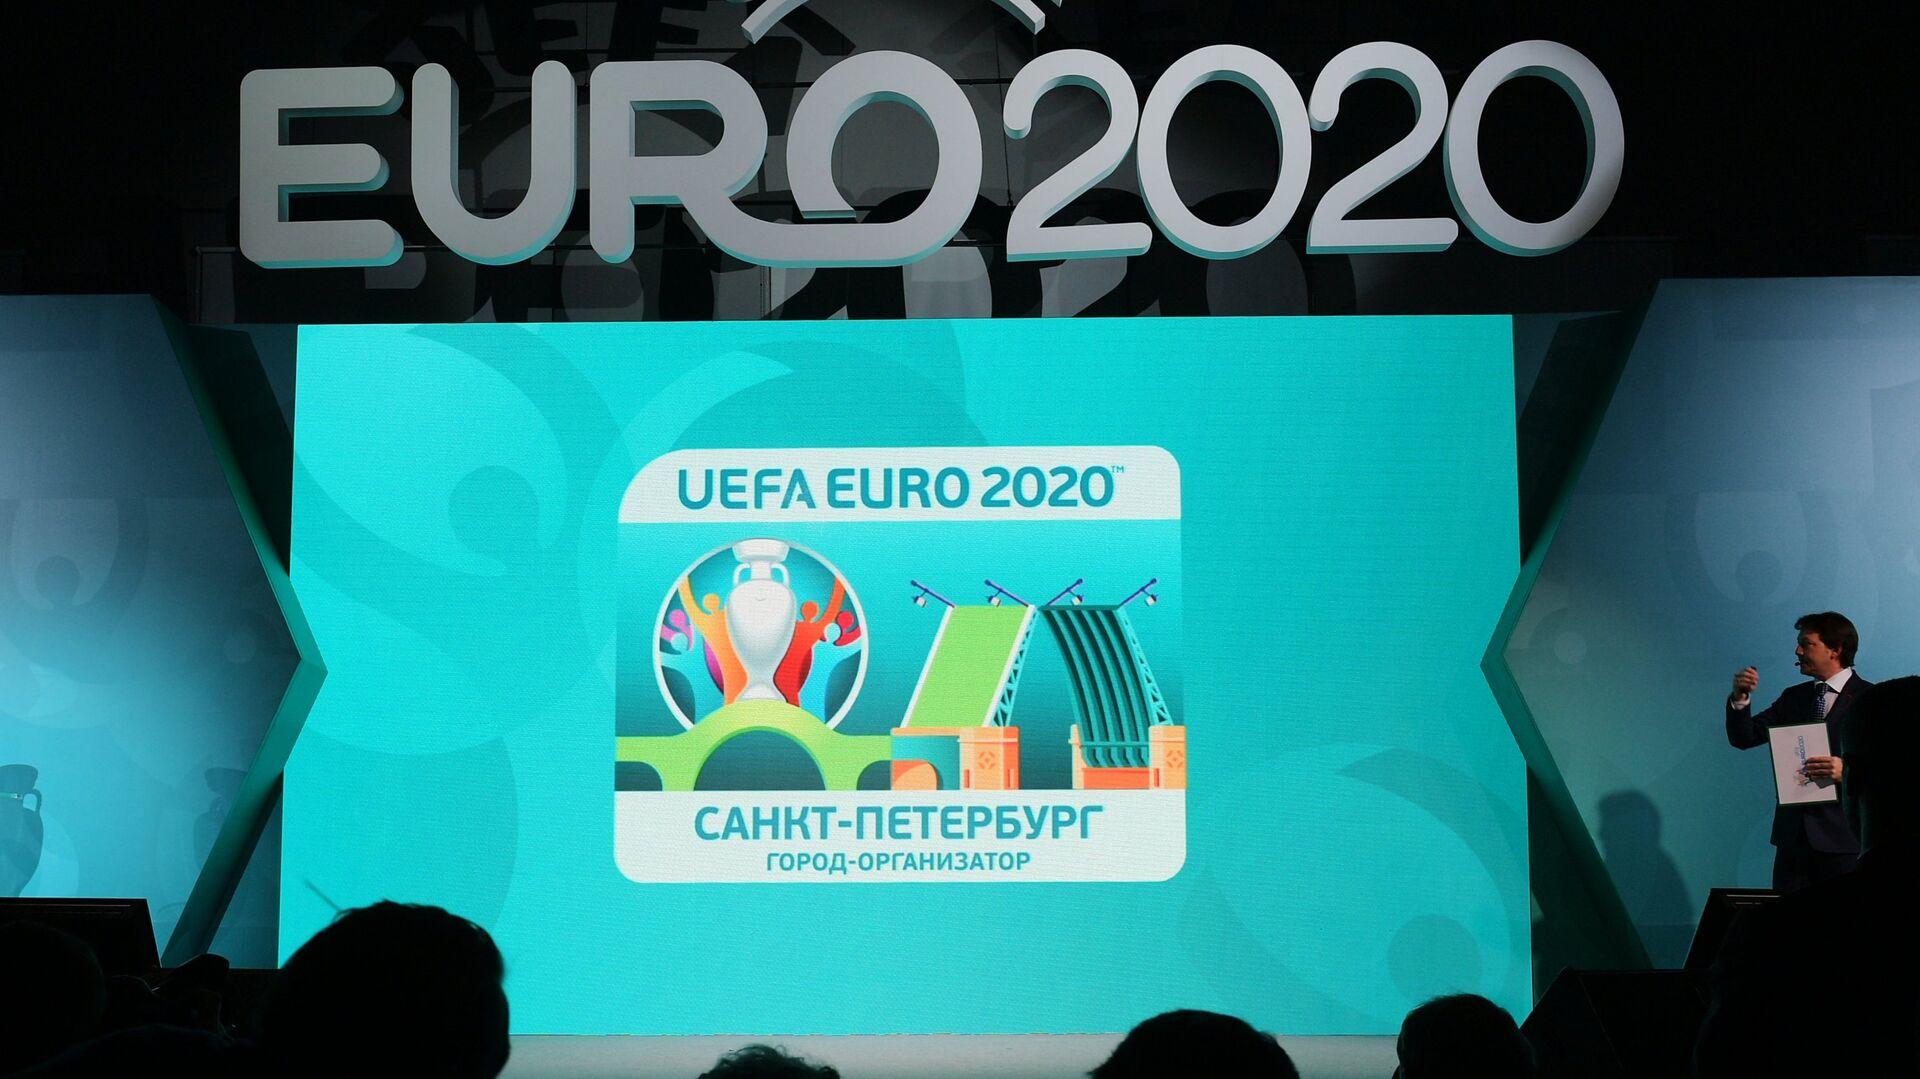 Церемония представления официальной эмблемы Санкт-Петербурга - города-организатора Евро-2020. 19 января 2017 - РИА Новости, 1920, 18.04.2021